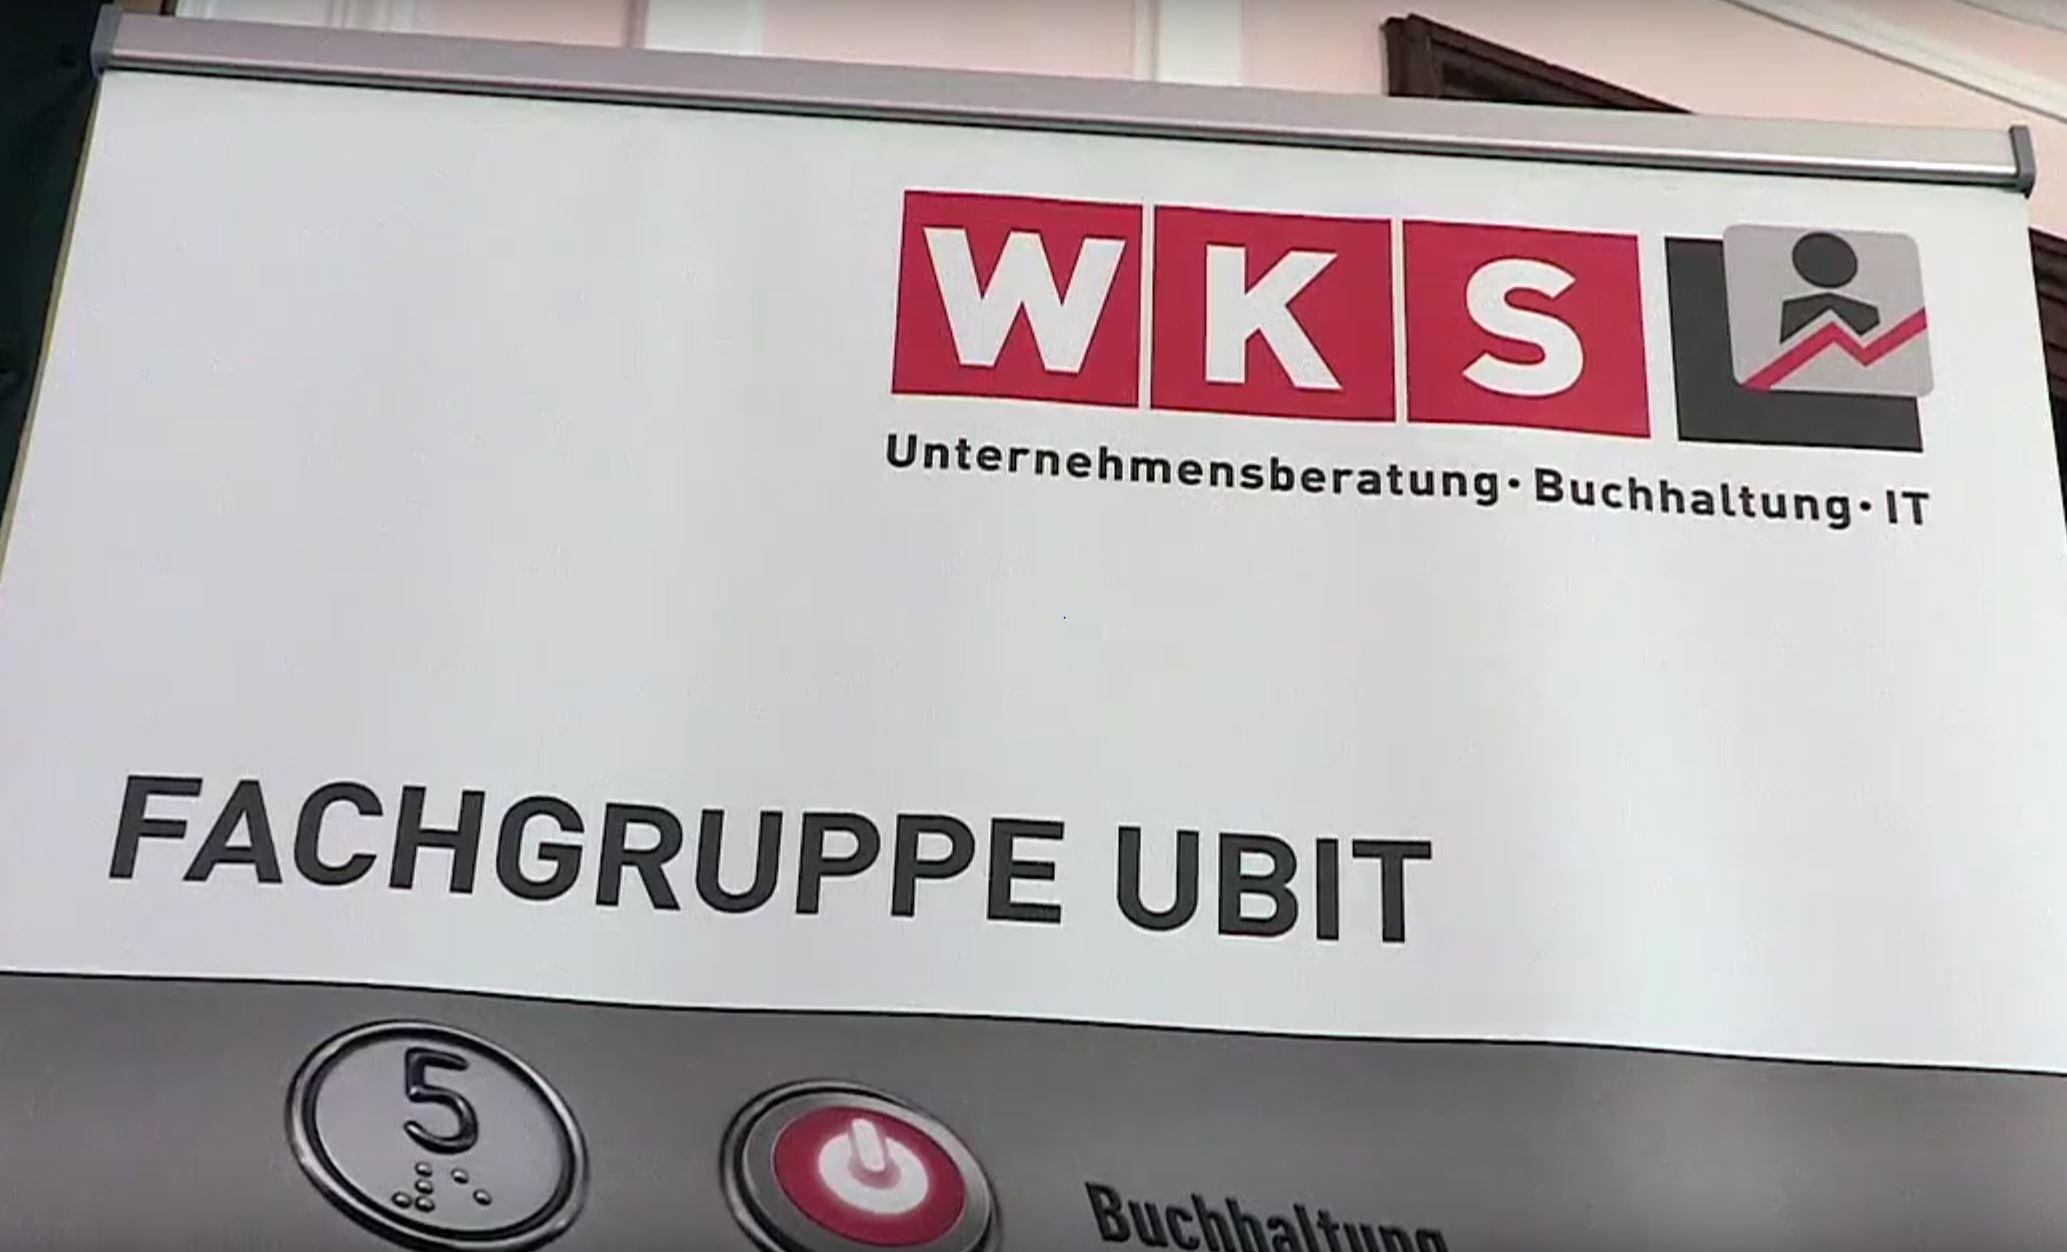 Video – UBIT aktiv gestalten gesund führen